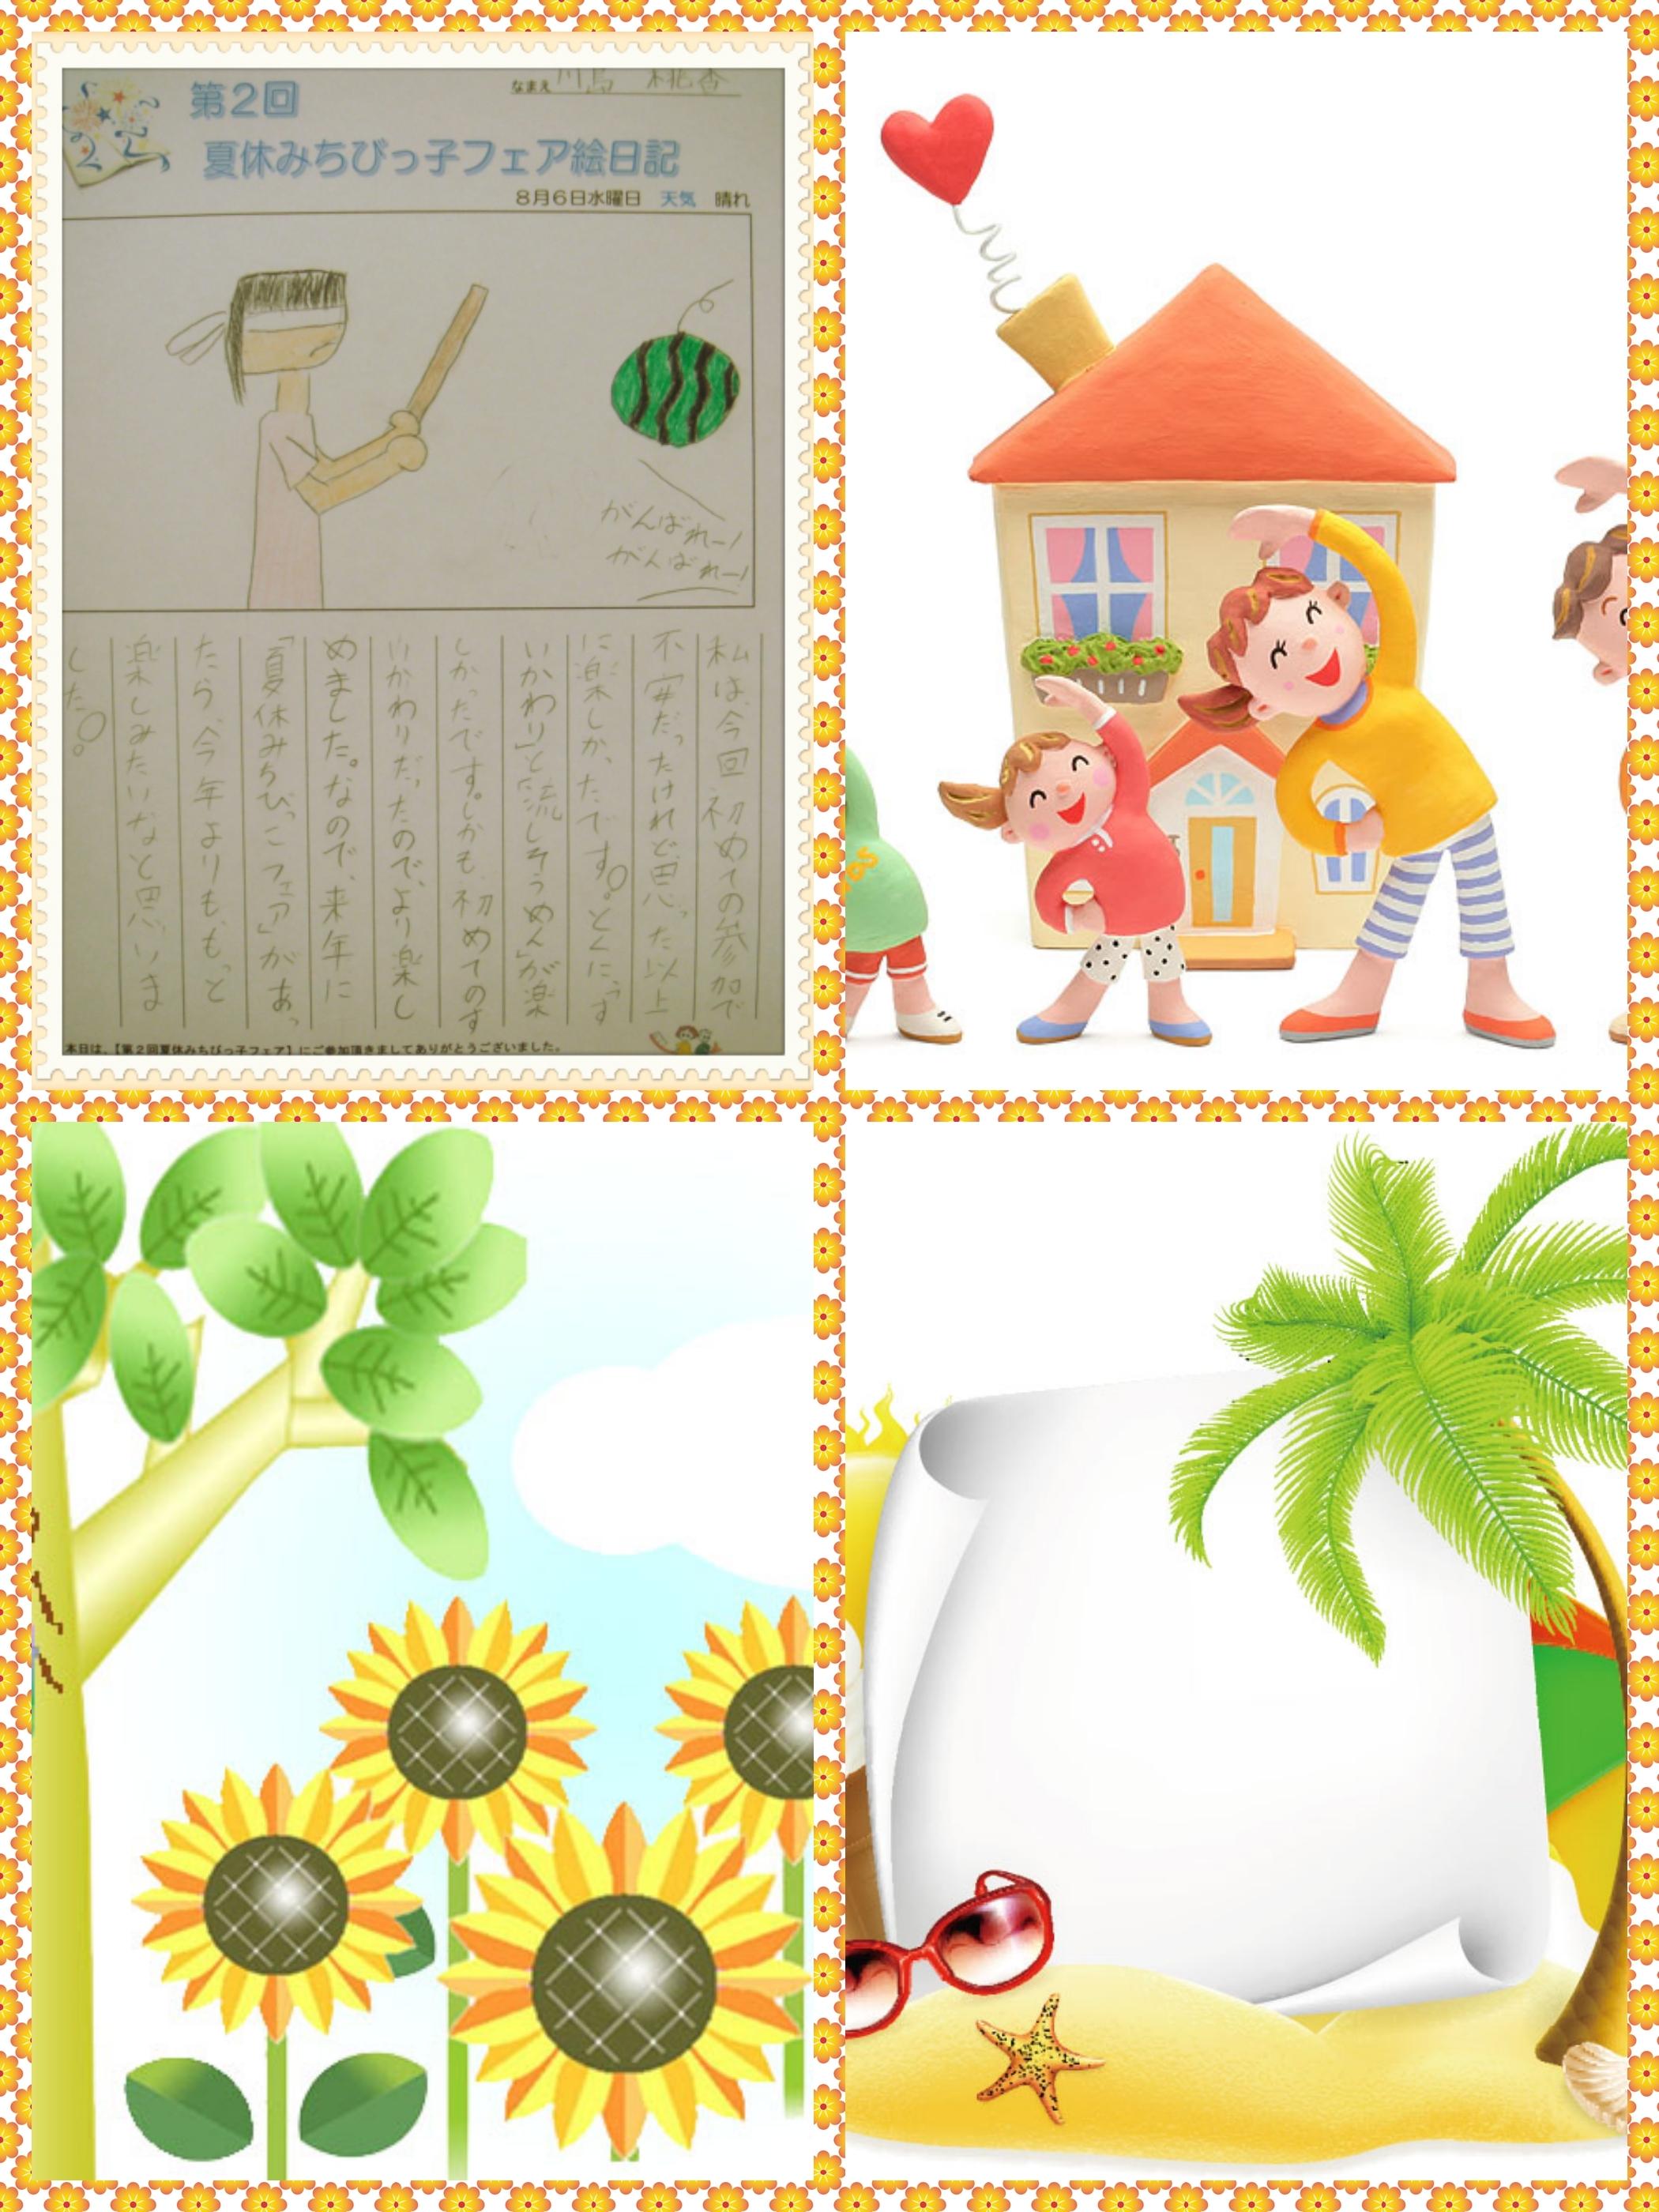 2014日記